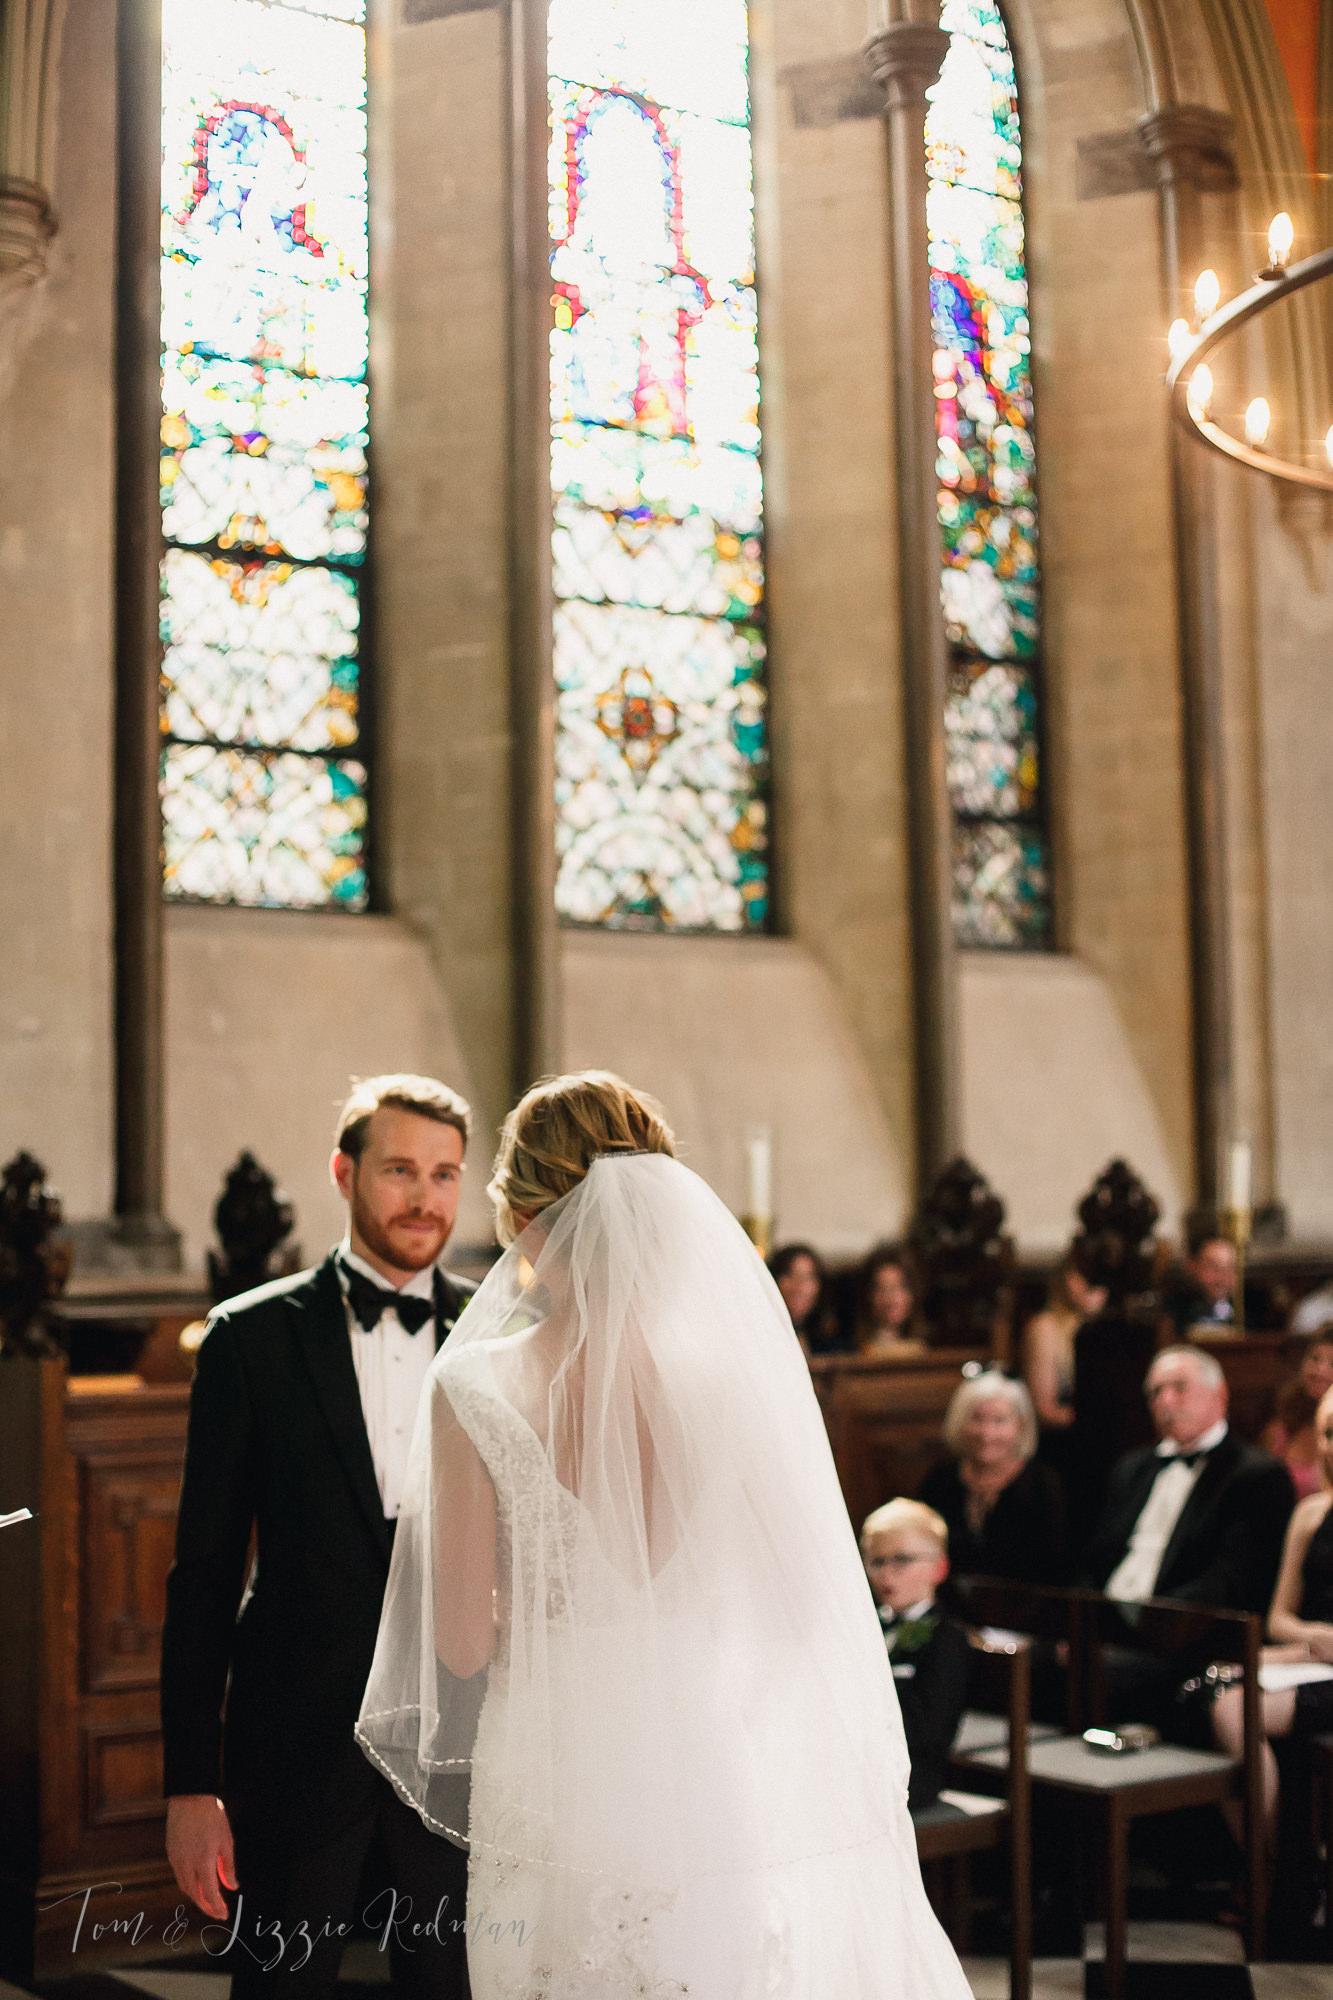 Palace wedding photos